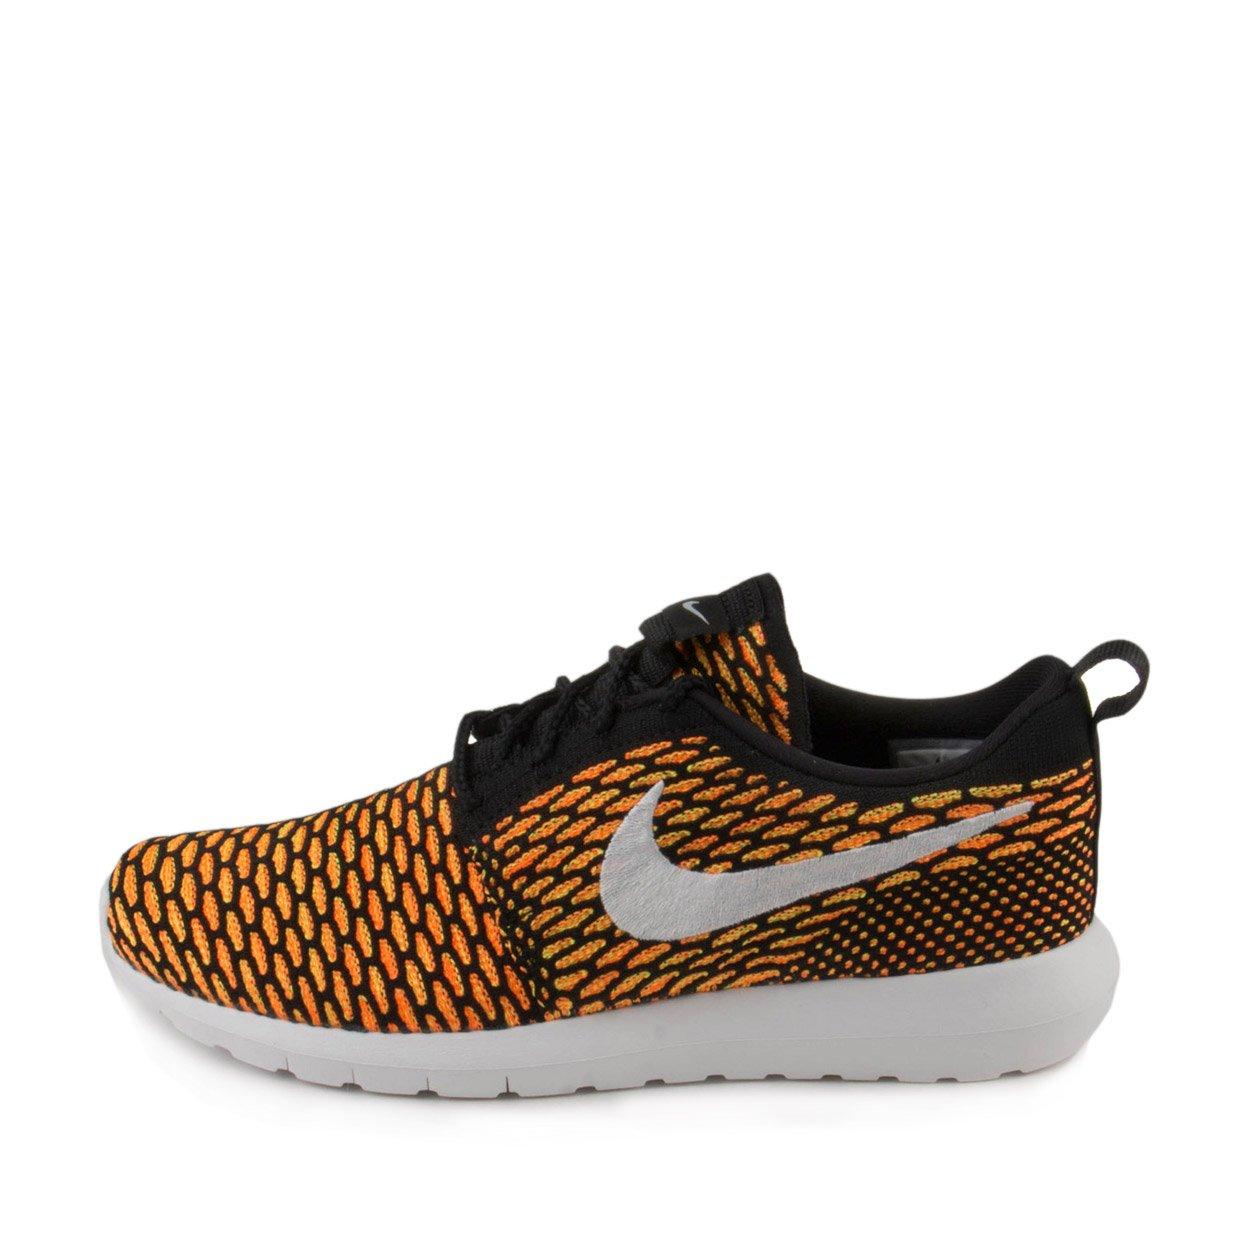 Nike Nike roshe nm flyknit, Men's Running Shoes, Black (black white orange volt Total), 12 UK (47.5 EU)